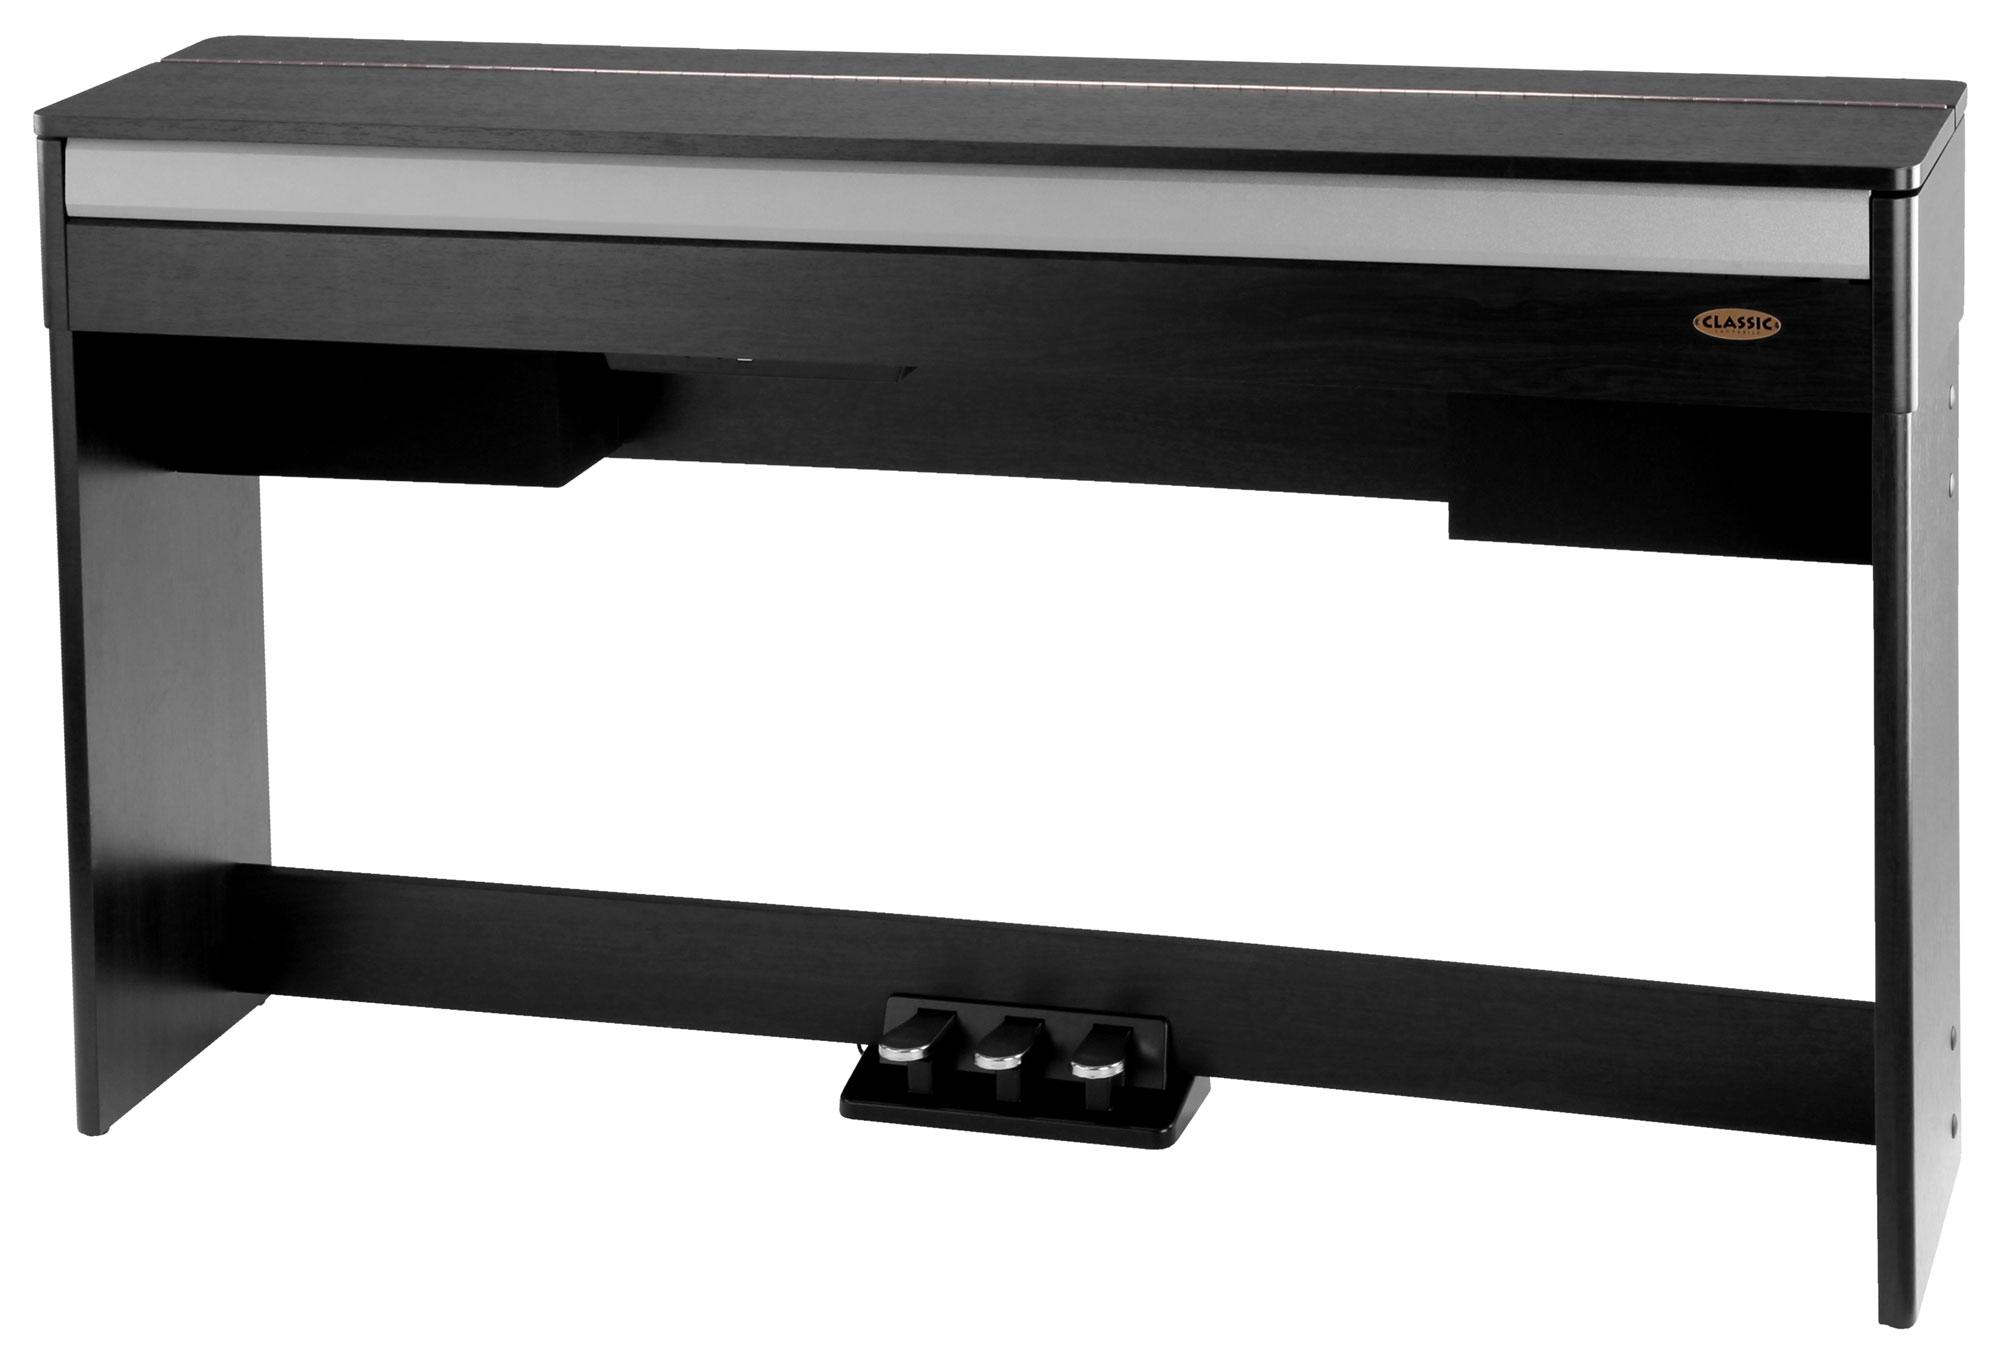 Classic Cantabile Cp A 320 Rh Digital Piano Black Matte Icon 2